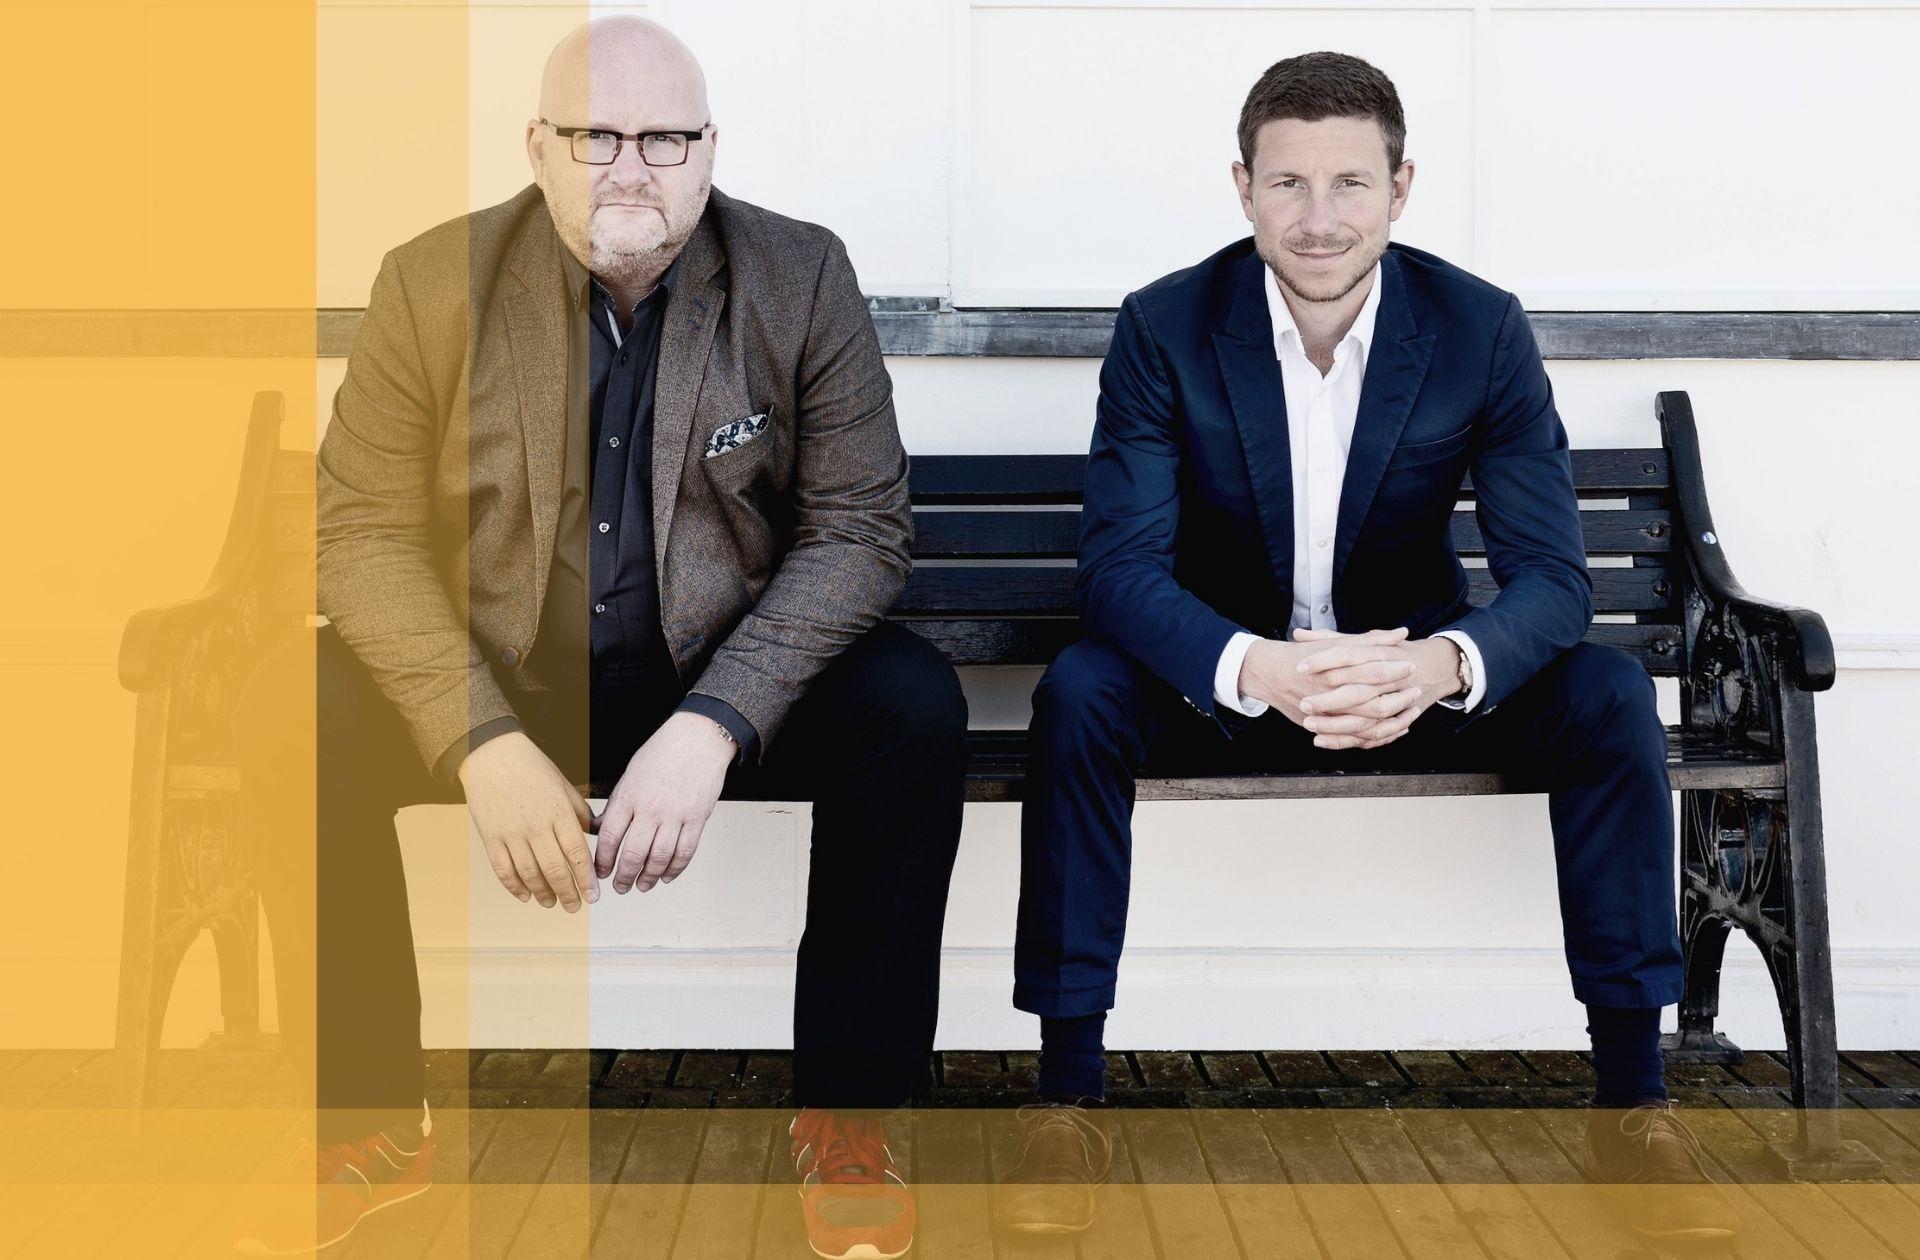 Mark und Lars sitzen auf einer Bank und blicken in die Kamera